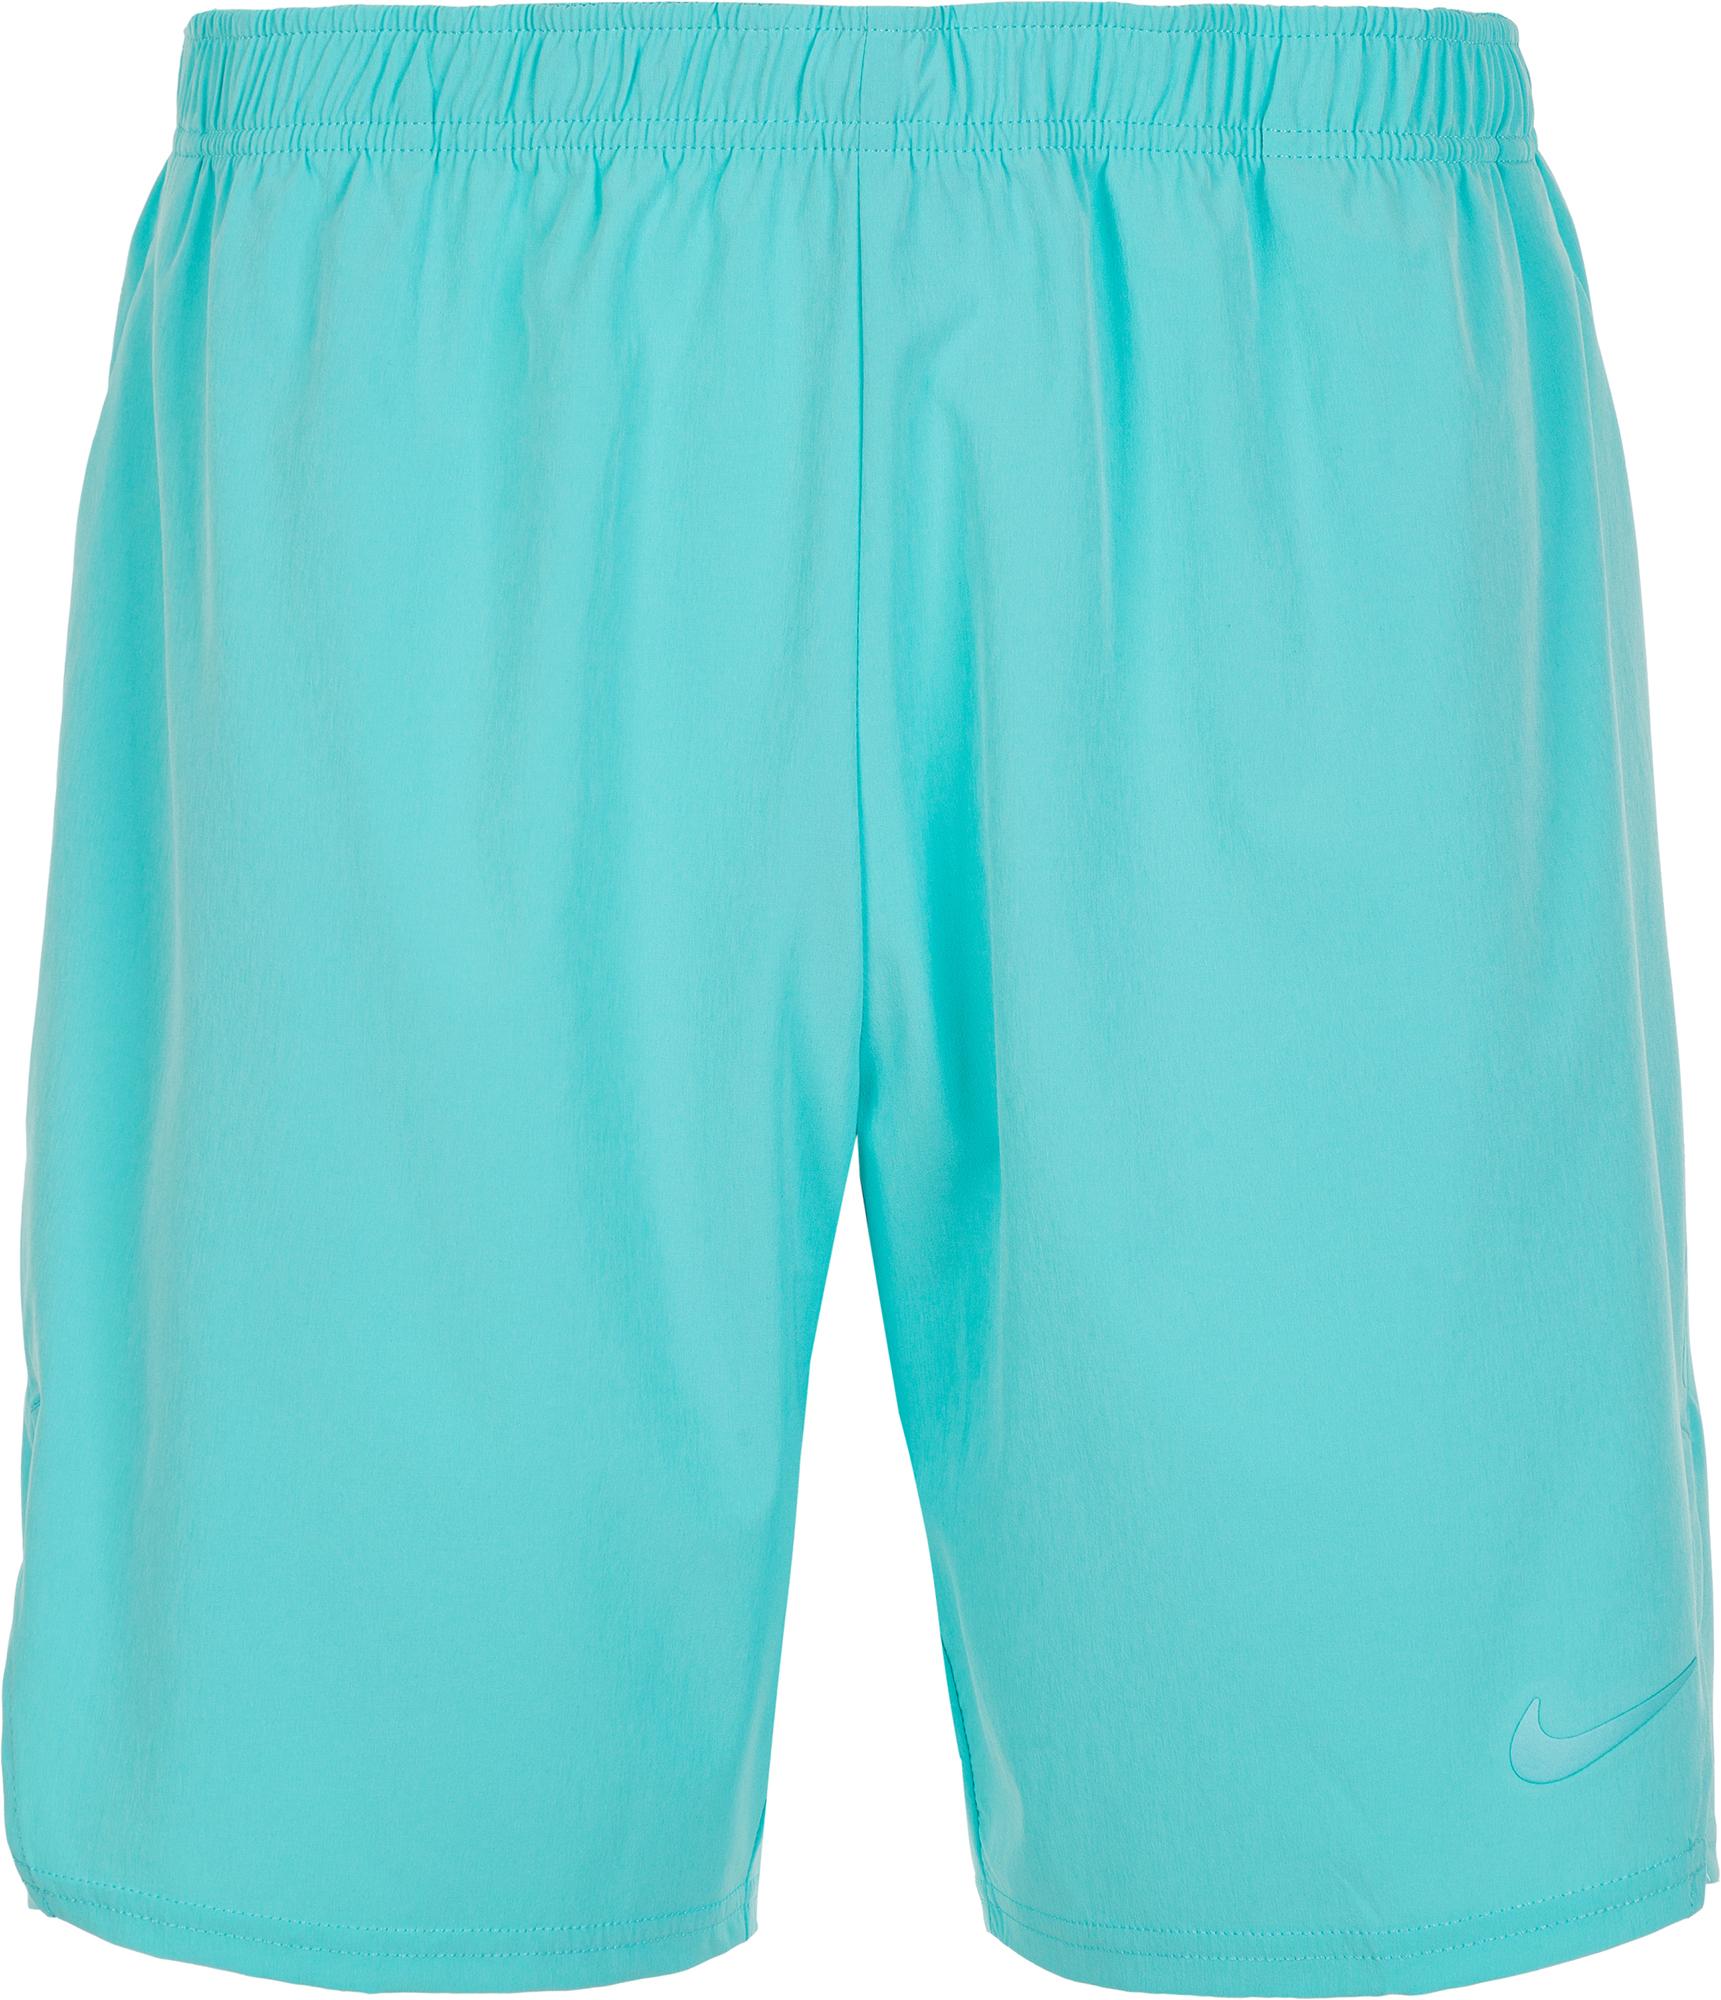 Nike Шорты мужские Court Flex Ace, размер 50-52